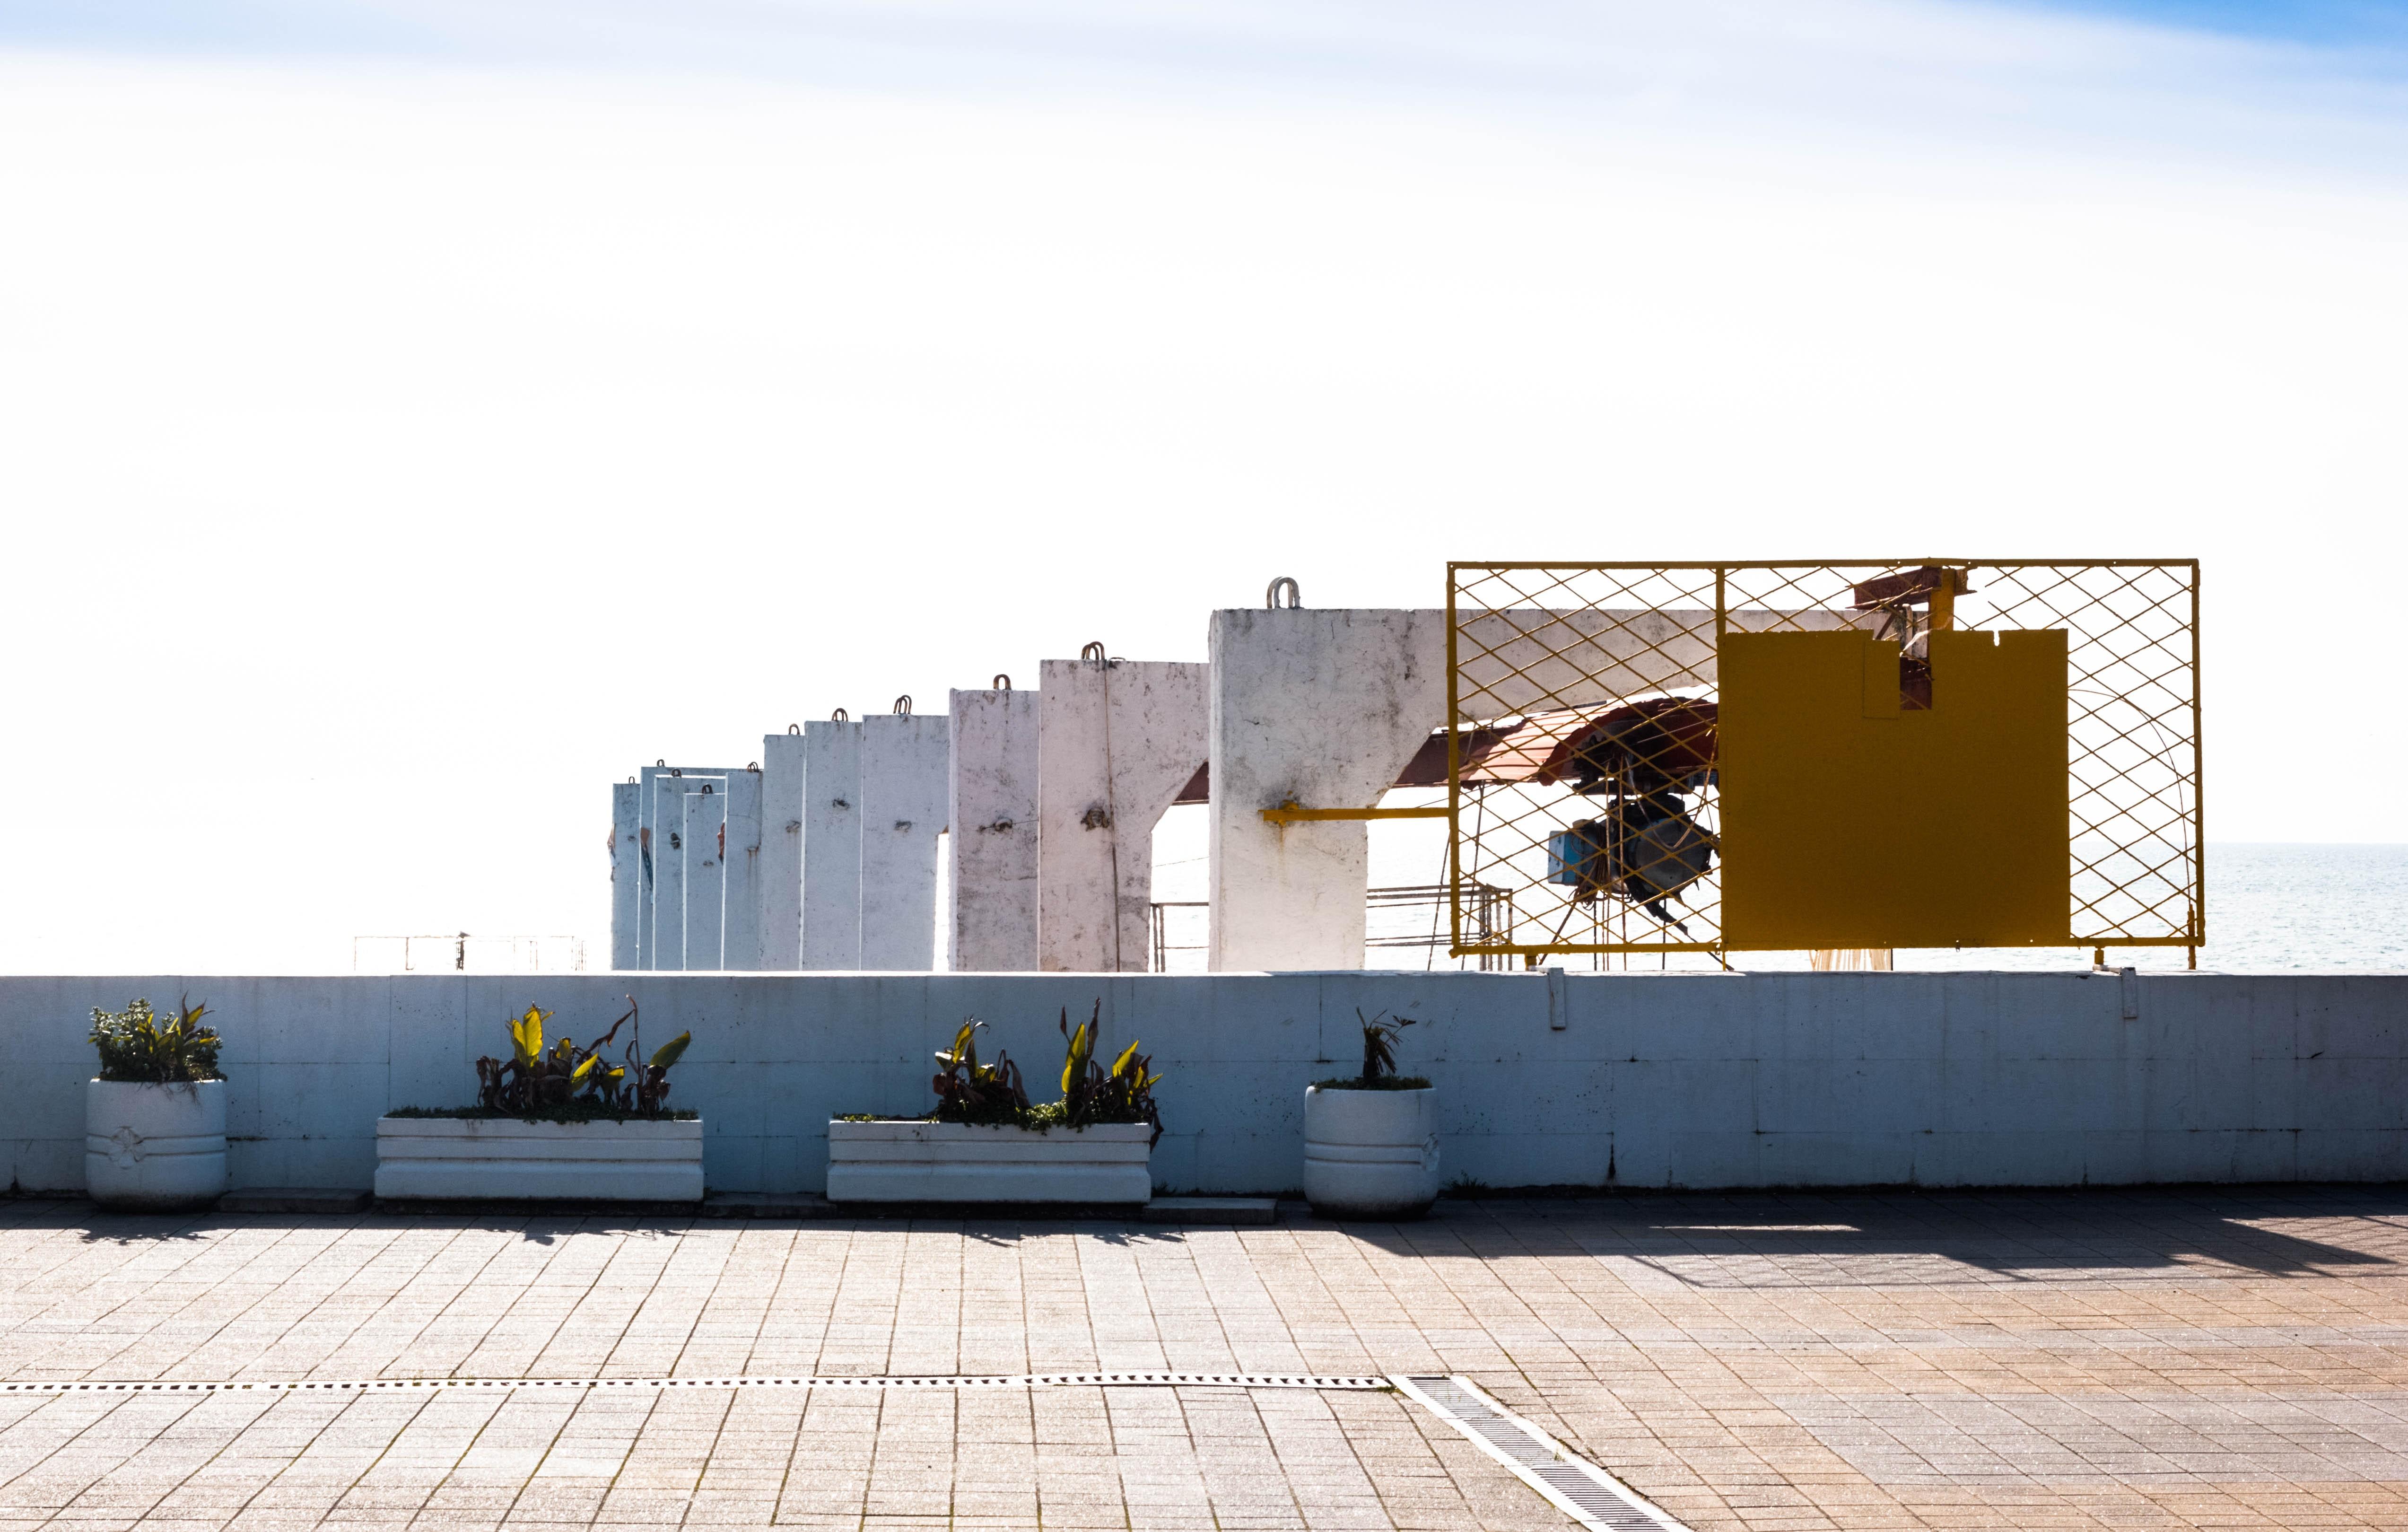 Bright Sky, Bright, Bright day, Clear sky, Concrete structure, HQ Photo